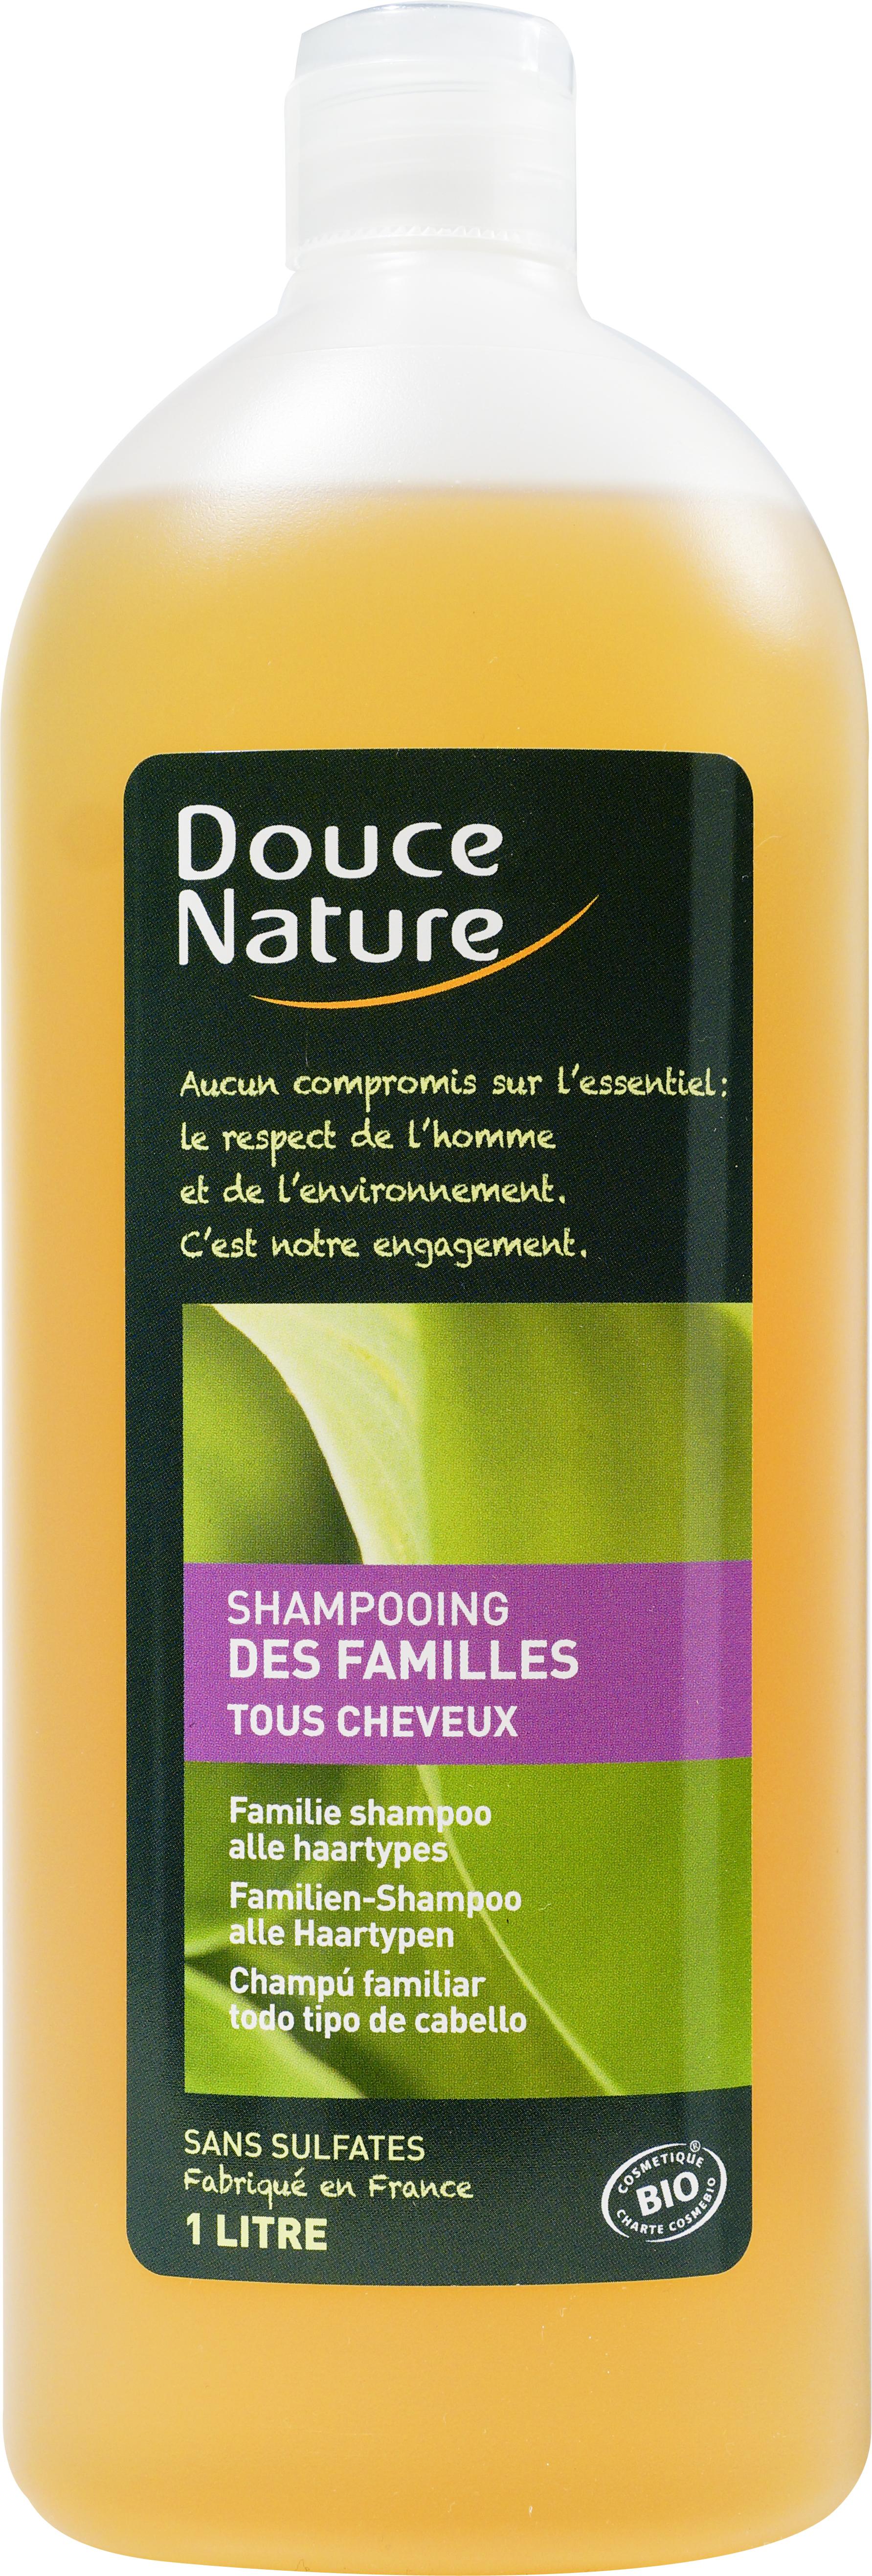 Shampooing des familles BIO tous cheveux, Douce Nature (1 L)